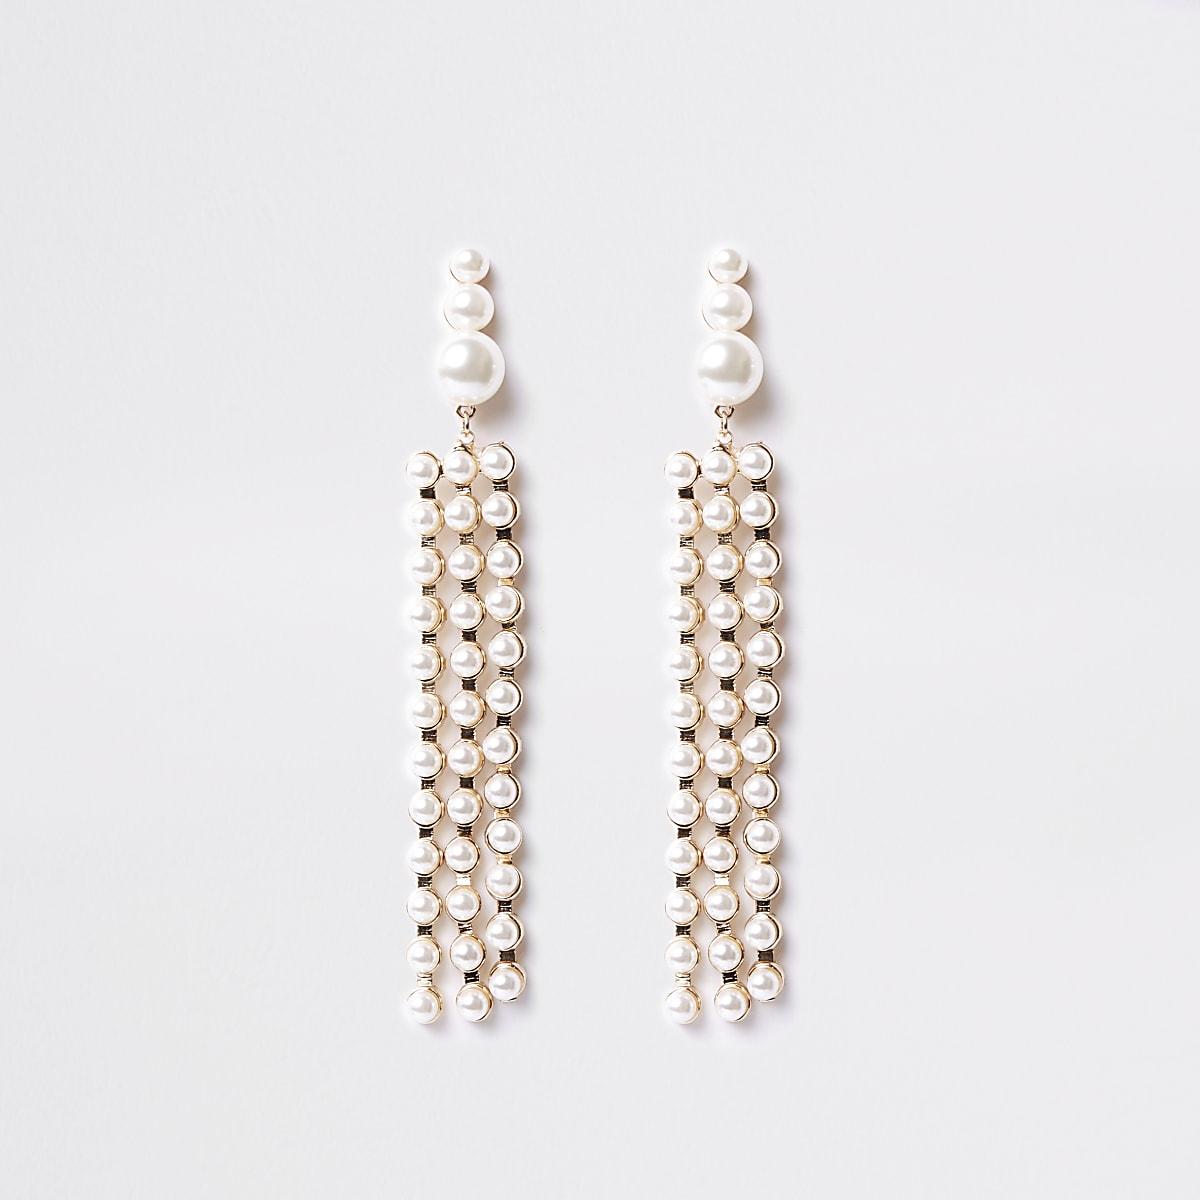 Pendants d'oreilles dorés avec perles